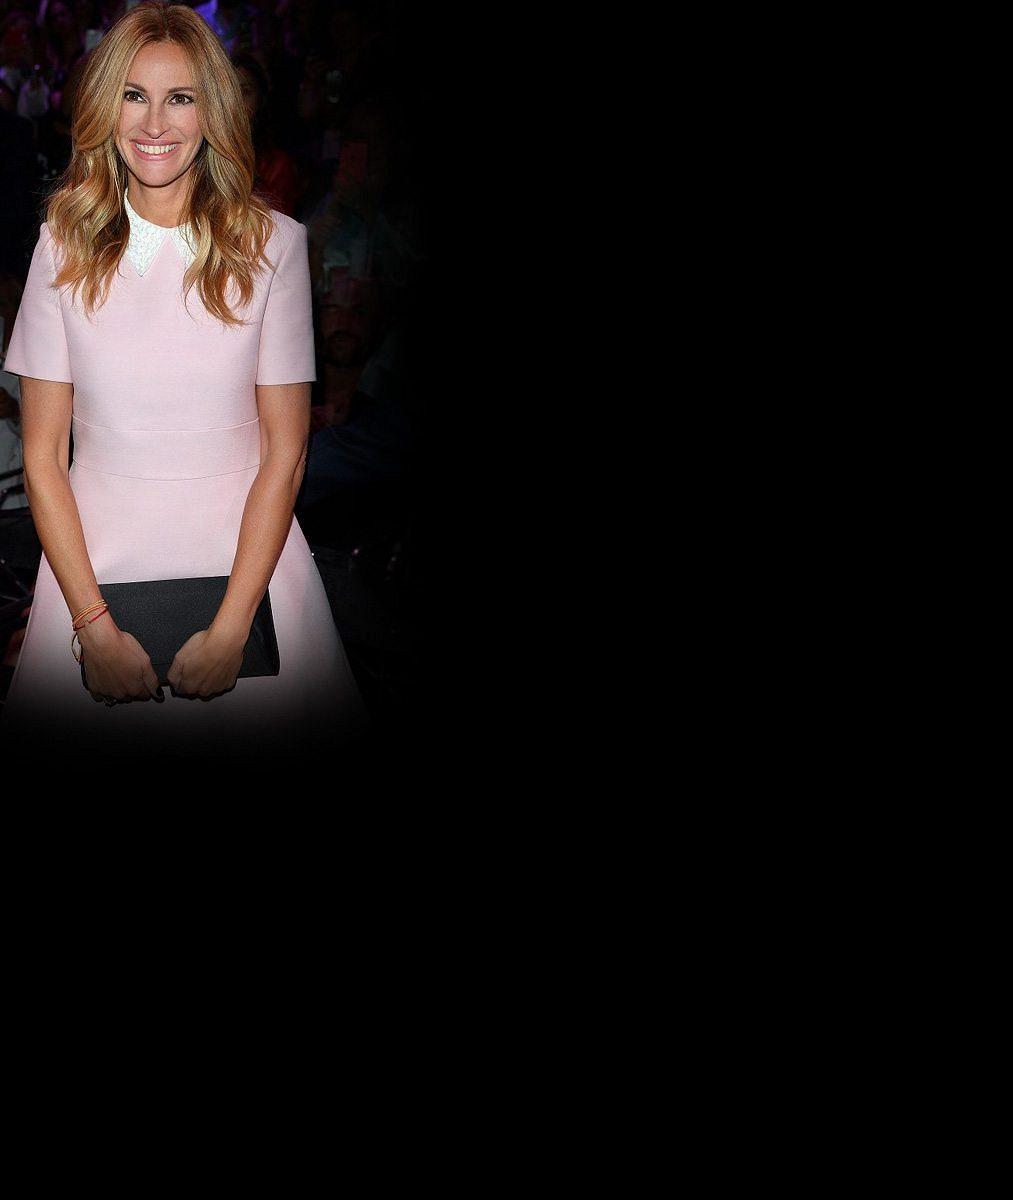 České krásky na akci se slavnou Pretty Woman. Julia Roberts prý neztrácí oslnivý úsměv ani na prahu padesátky